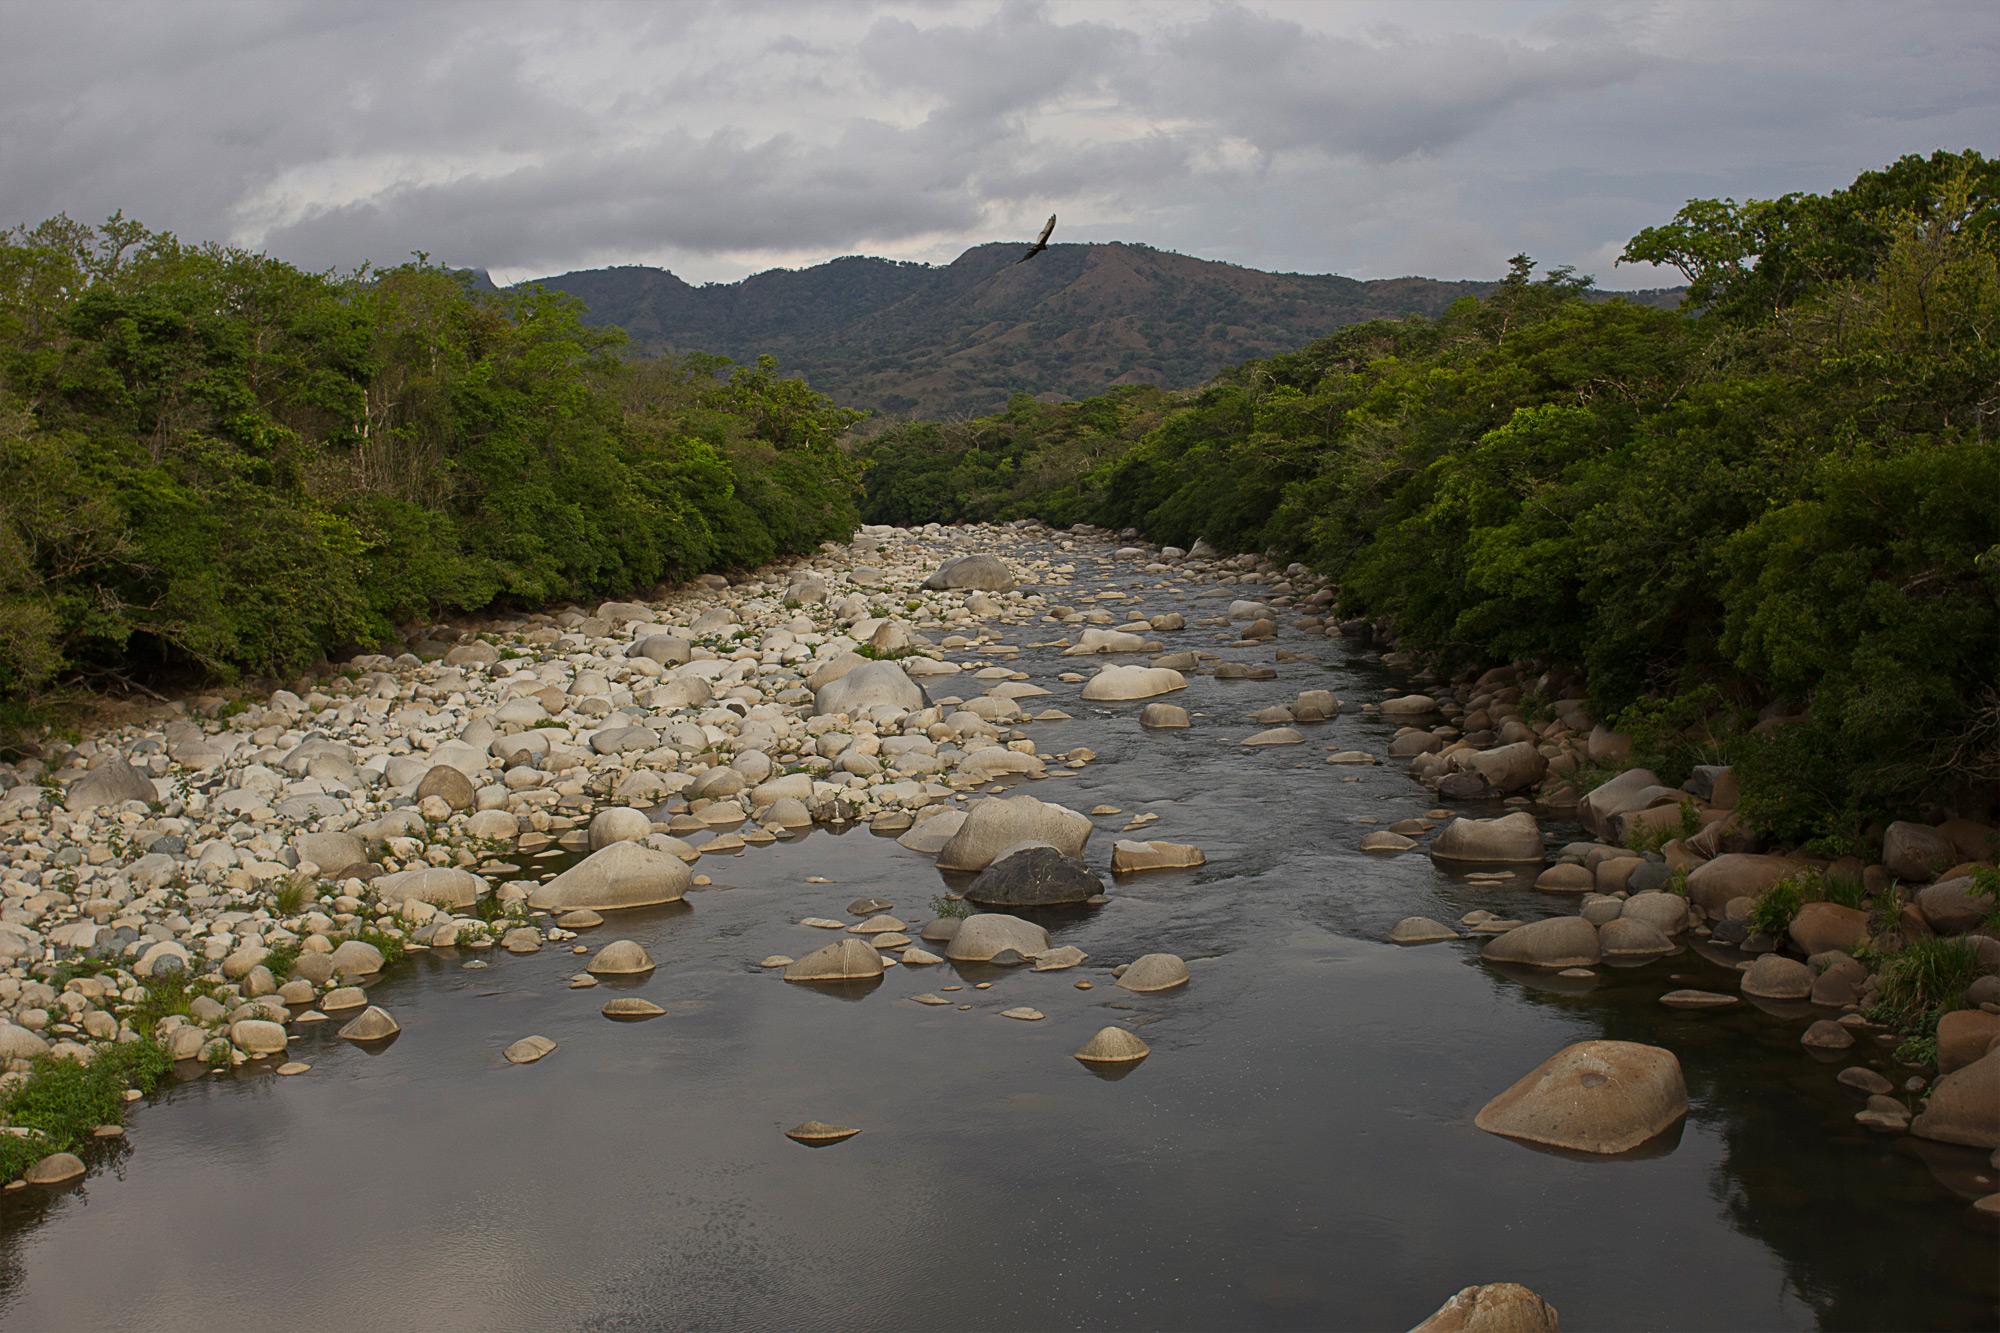 D9-Jurassic-Park-river-2000.jpg